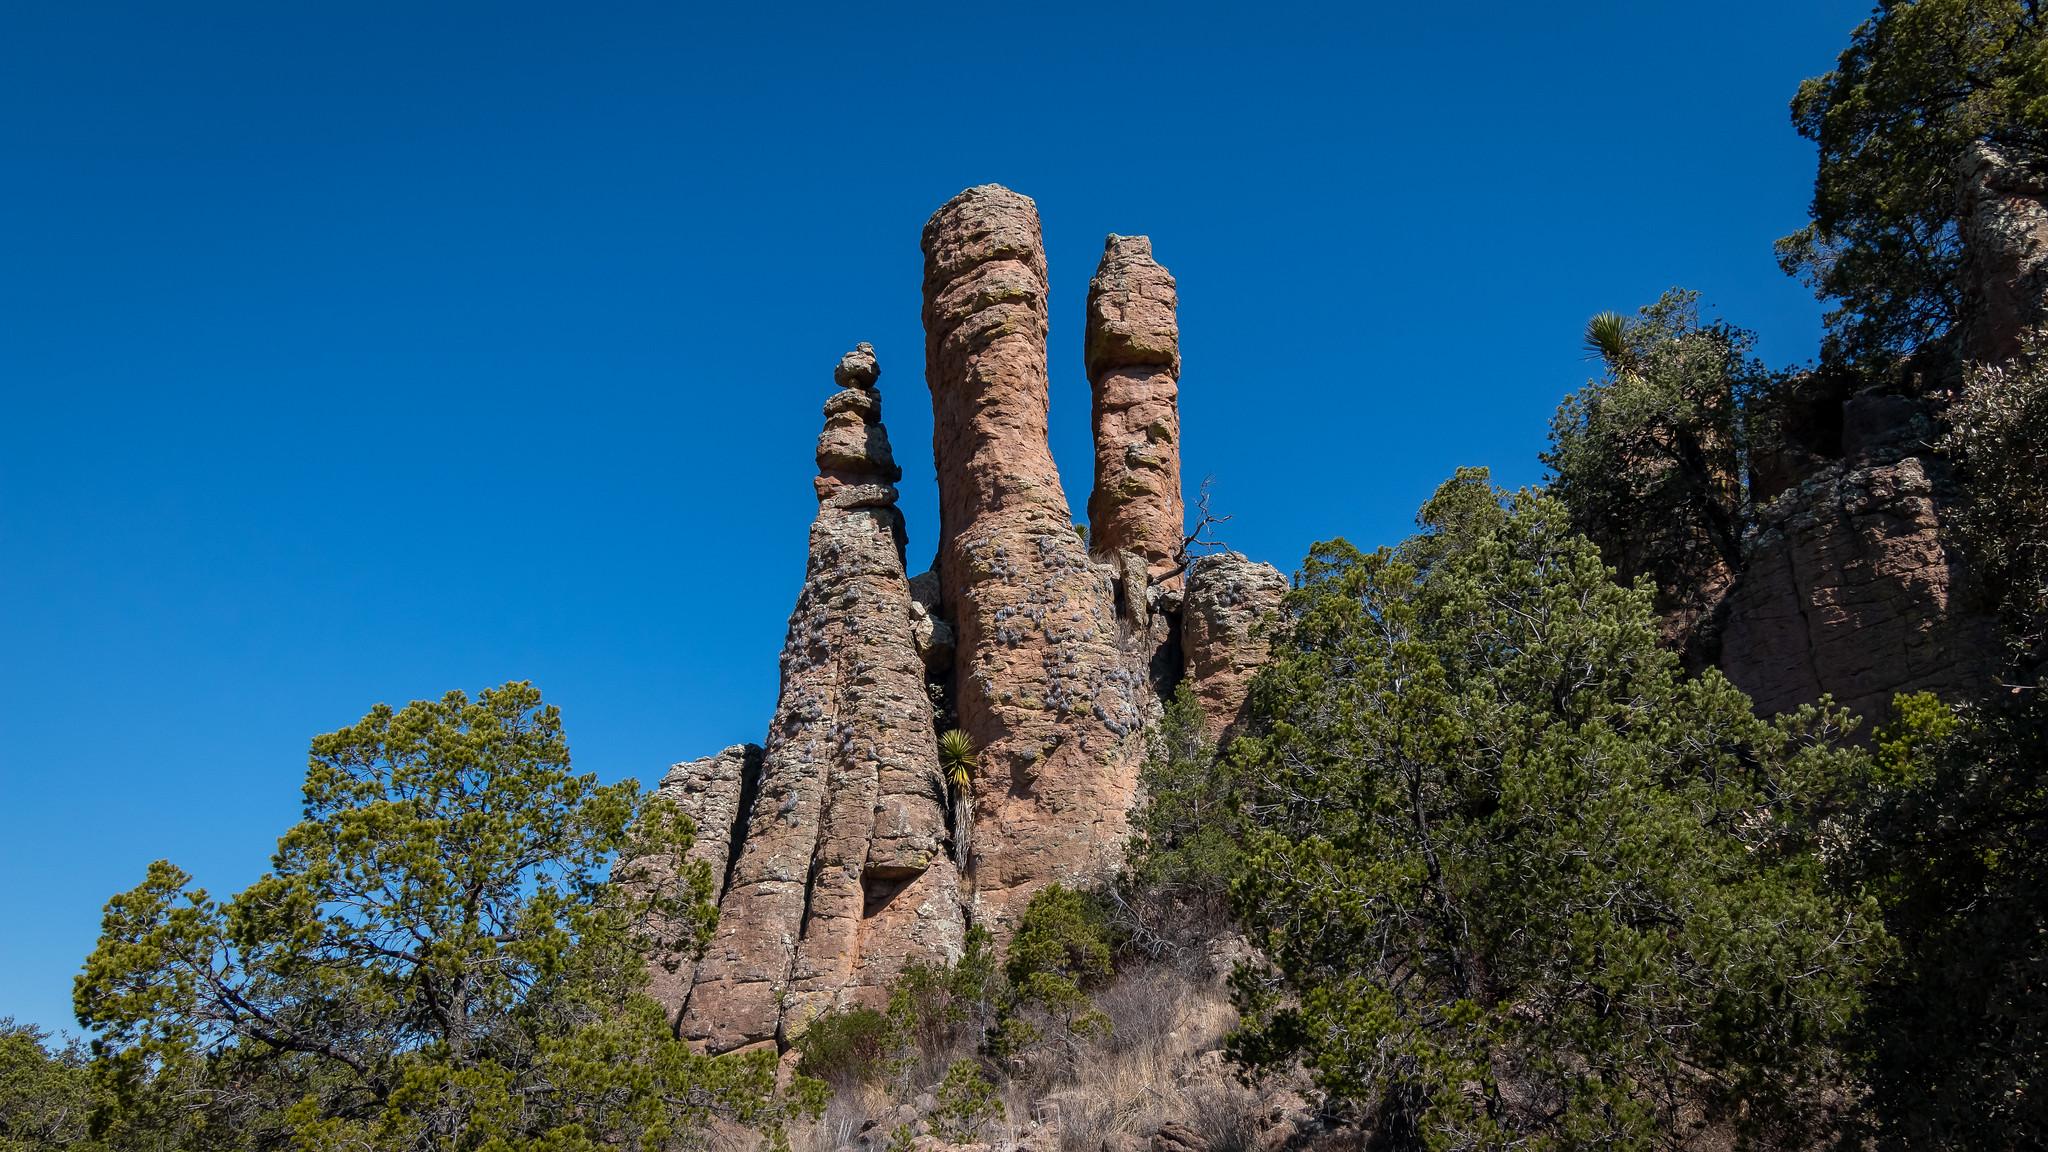 Sierra de Órganos National Park - Zacatecas - [Mexico]